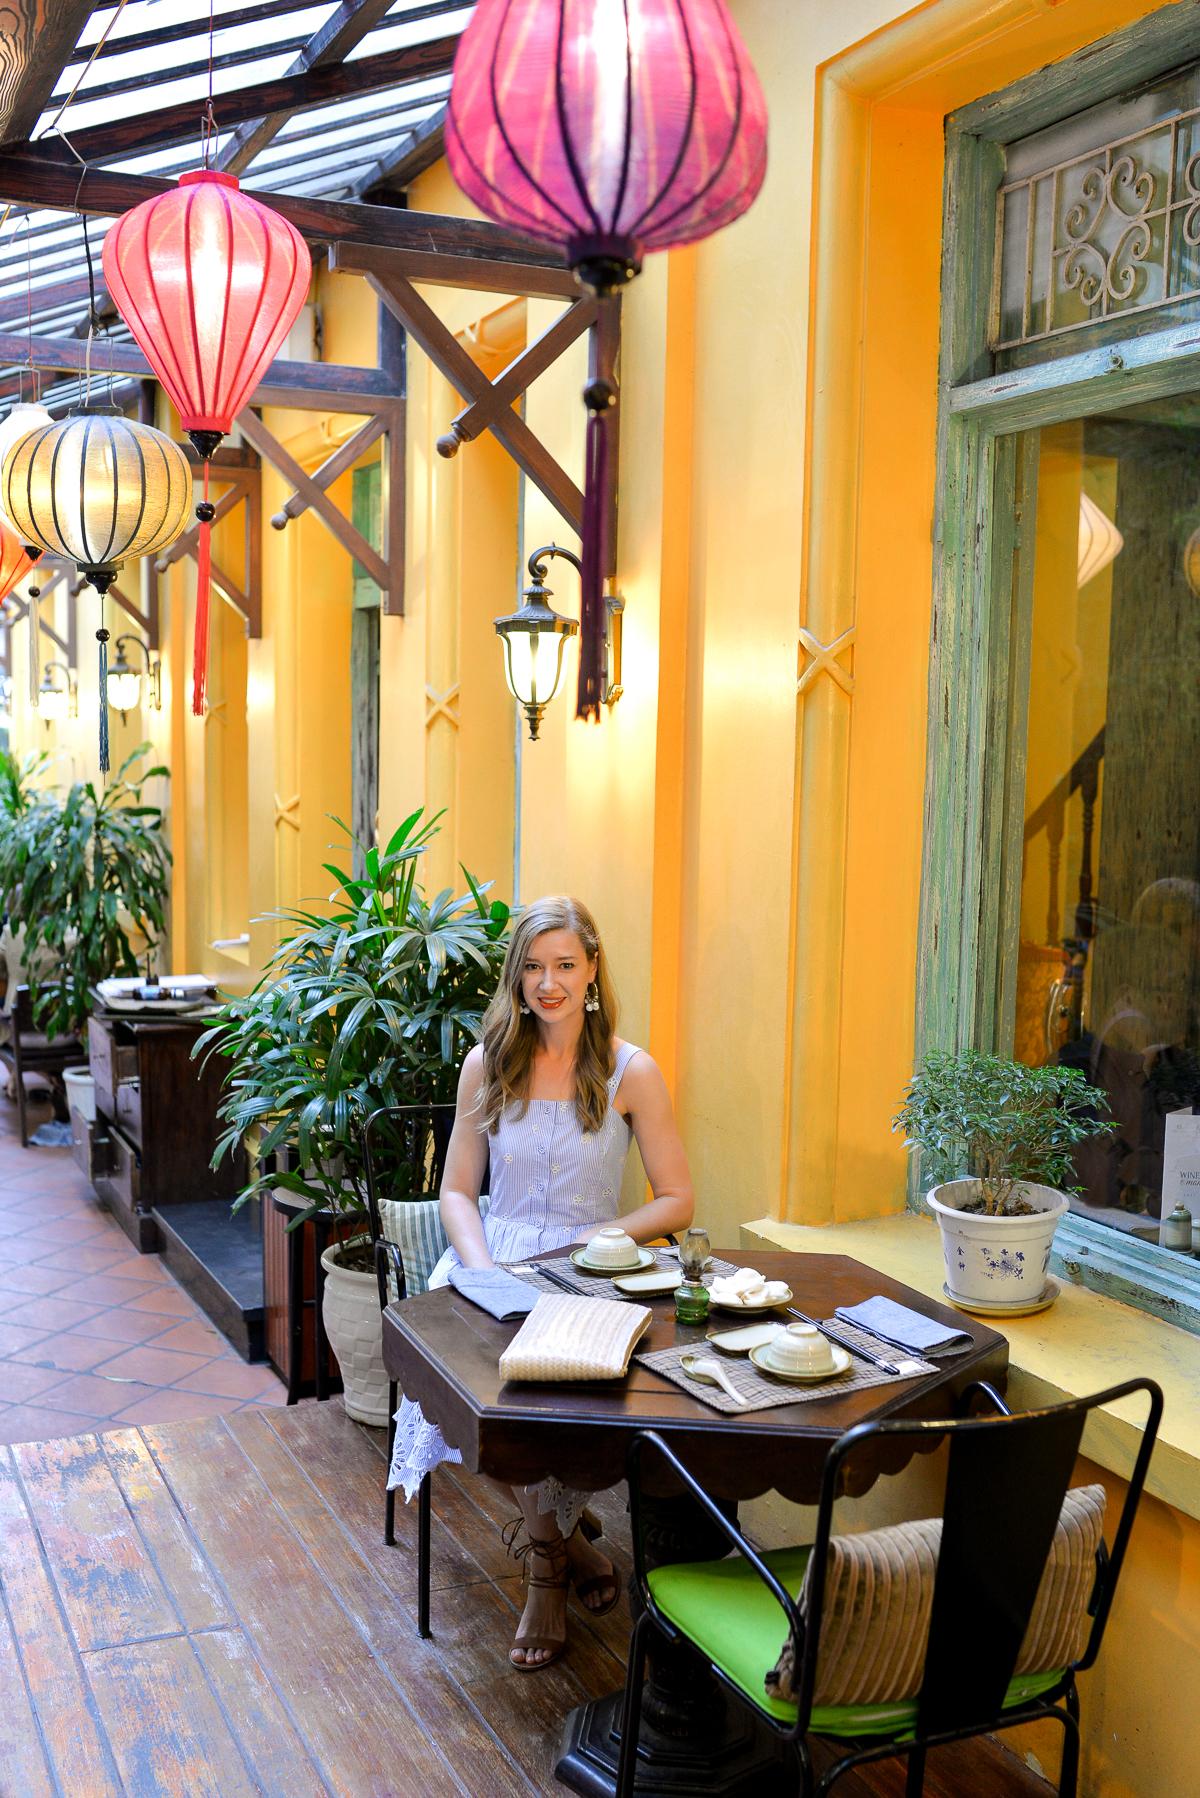 Stacie Flinner Fine Dining Vietnamese Restaurants Hanoi-3